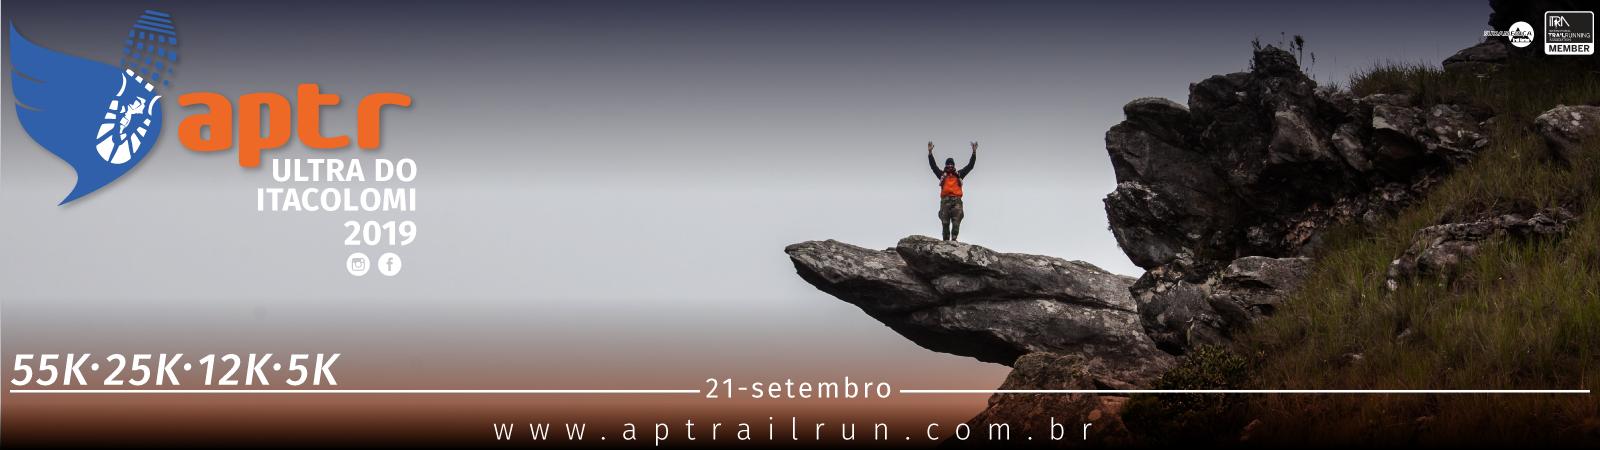 III ETAPA DO CIRCUITO DE CORRIDAS APTR - OURO PRETO 2019